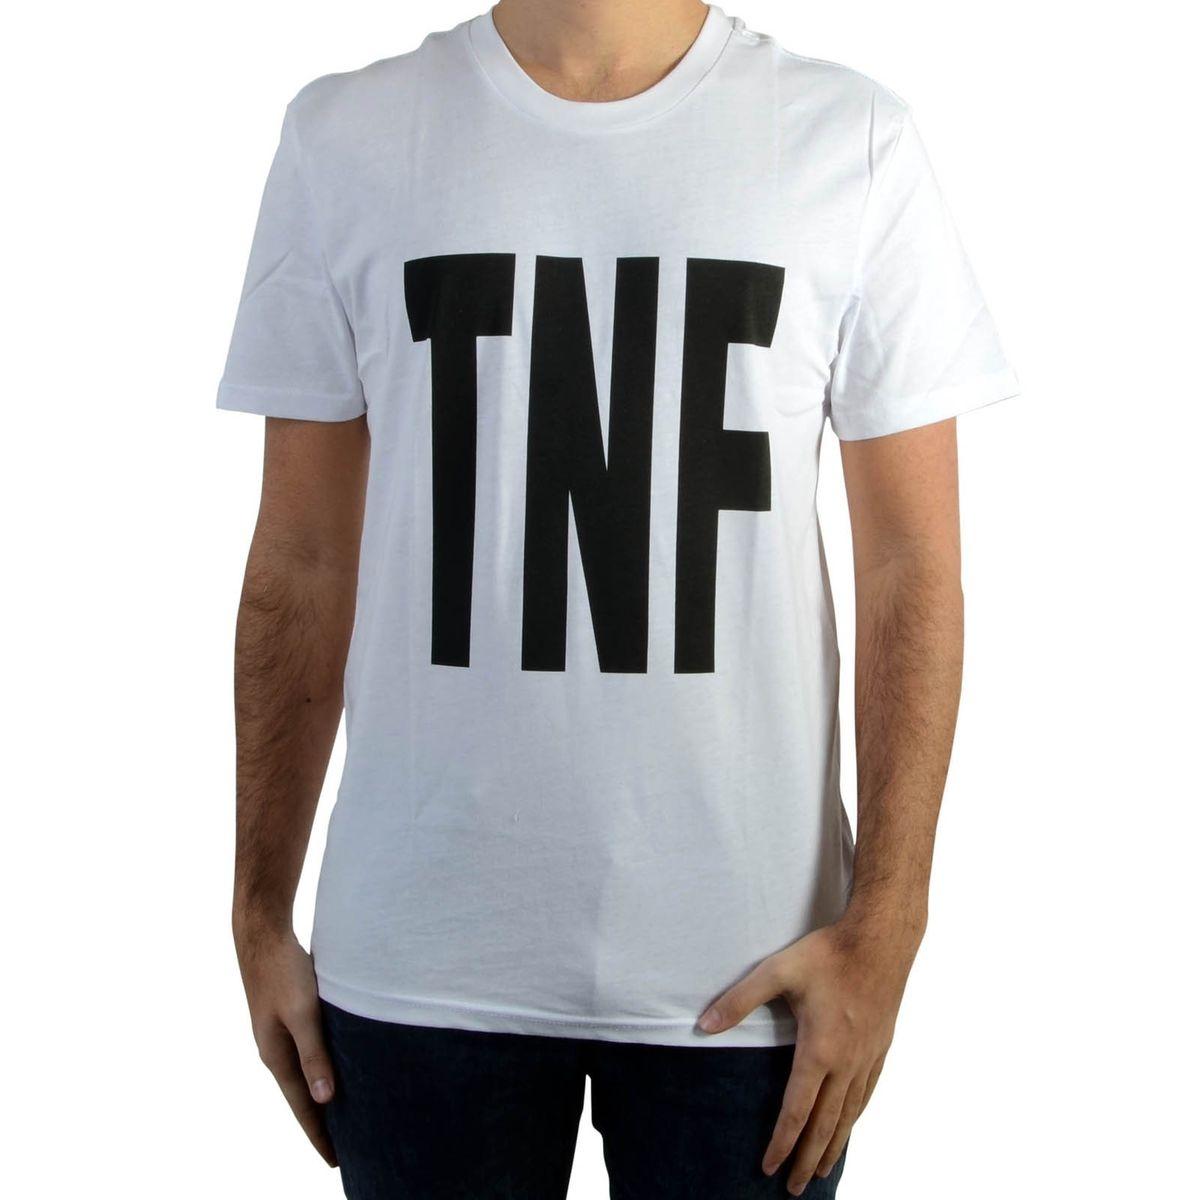 Tee Shirt Tee White Meduim